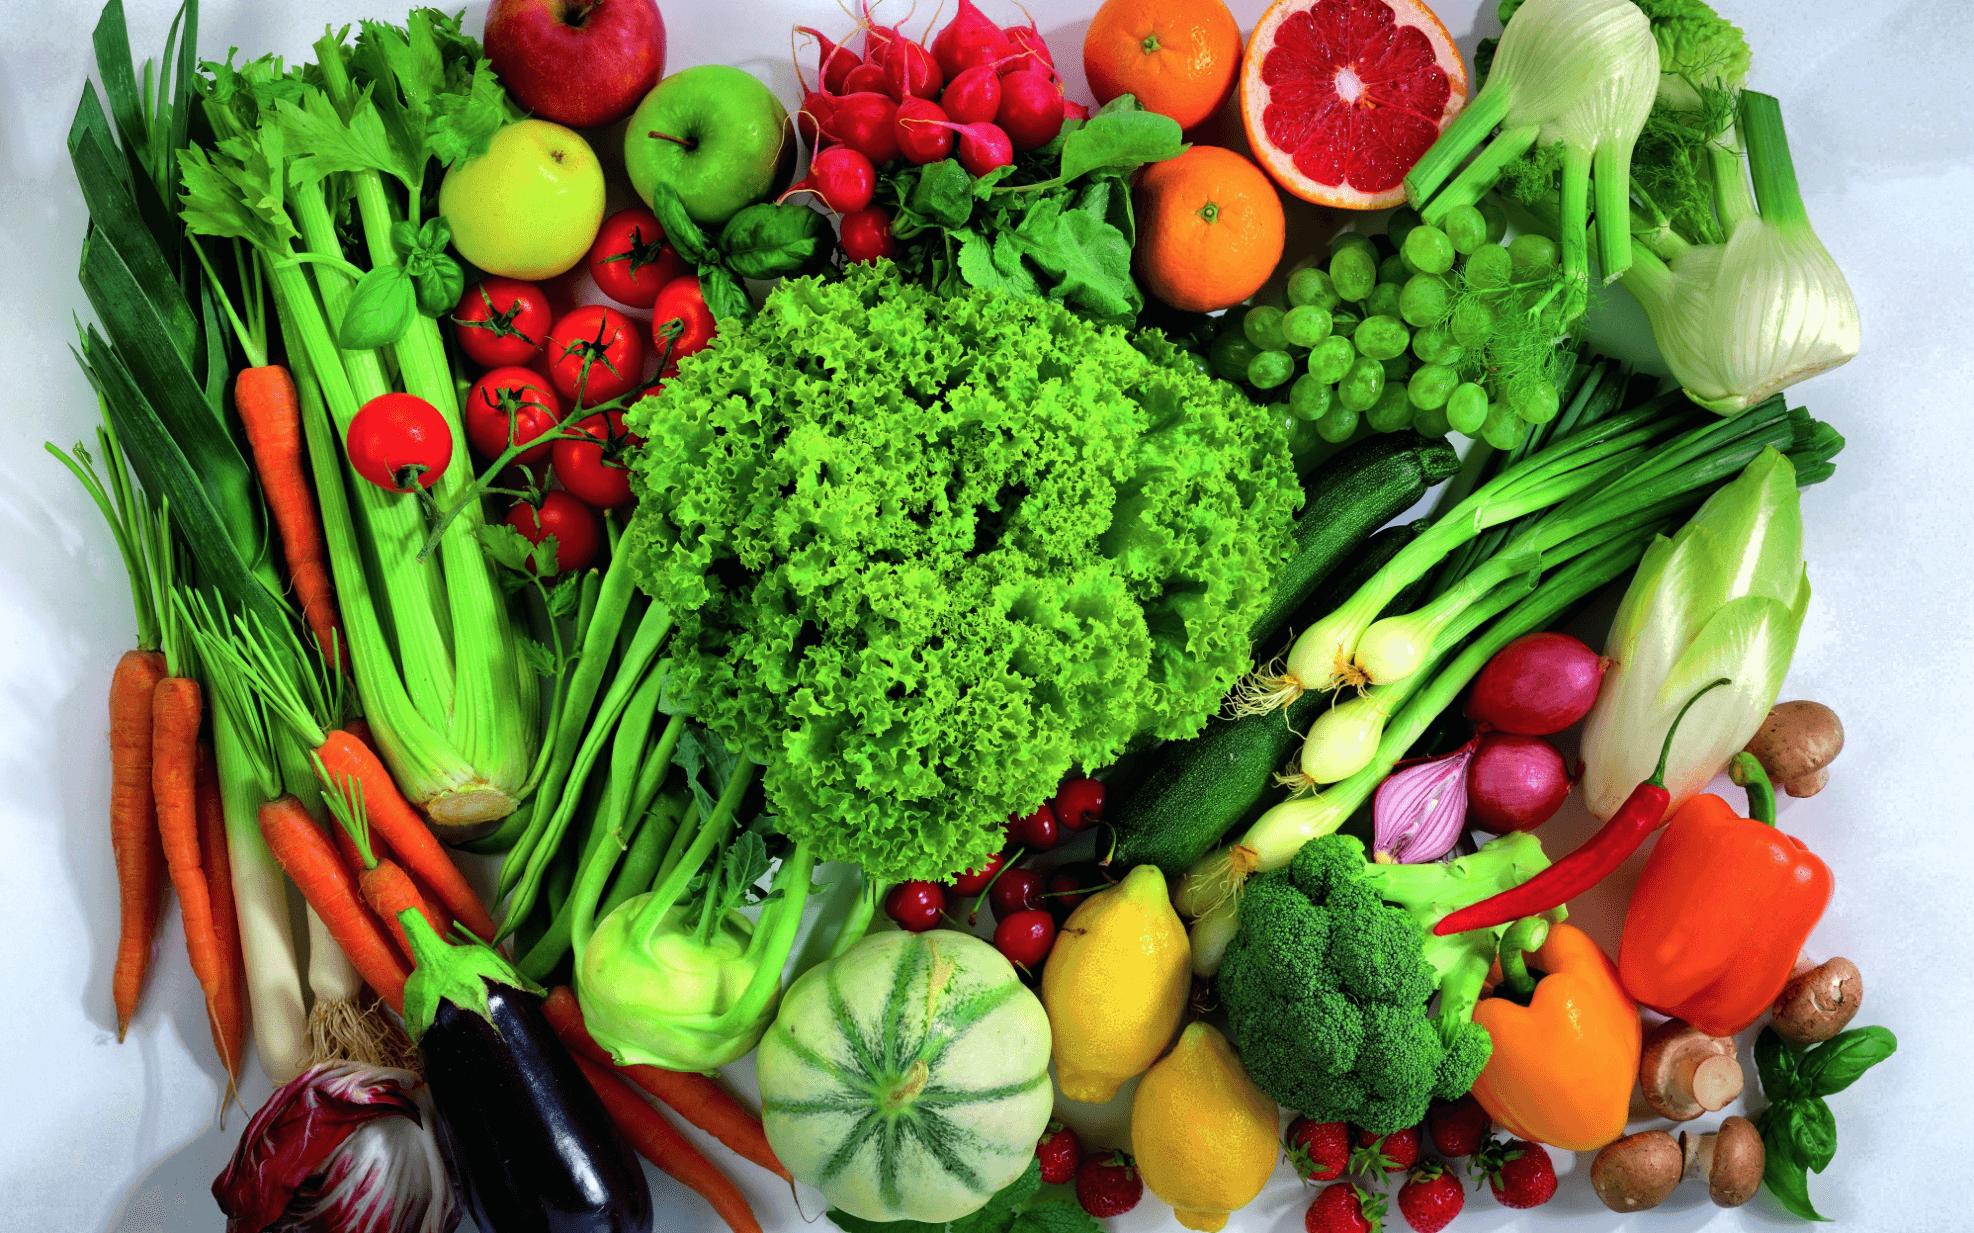 картинки продуктов здоровья тоньше длиннее, чем